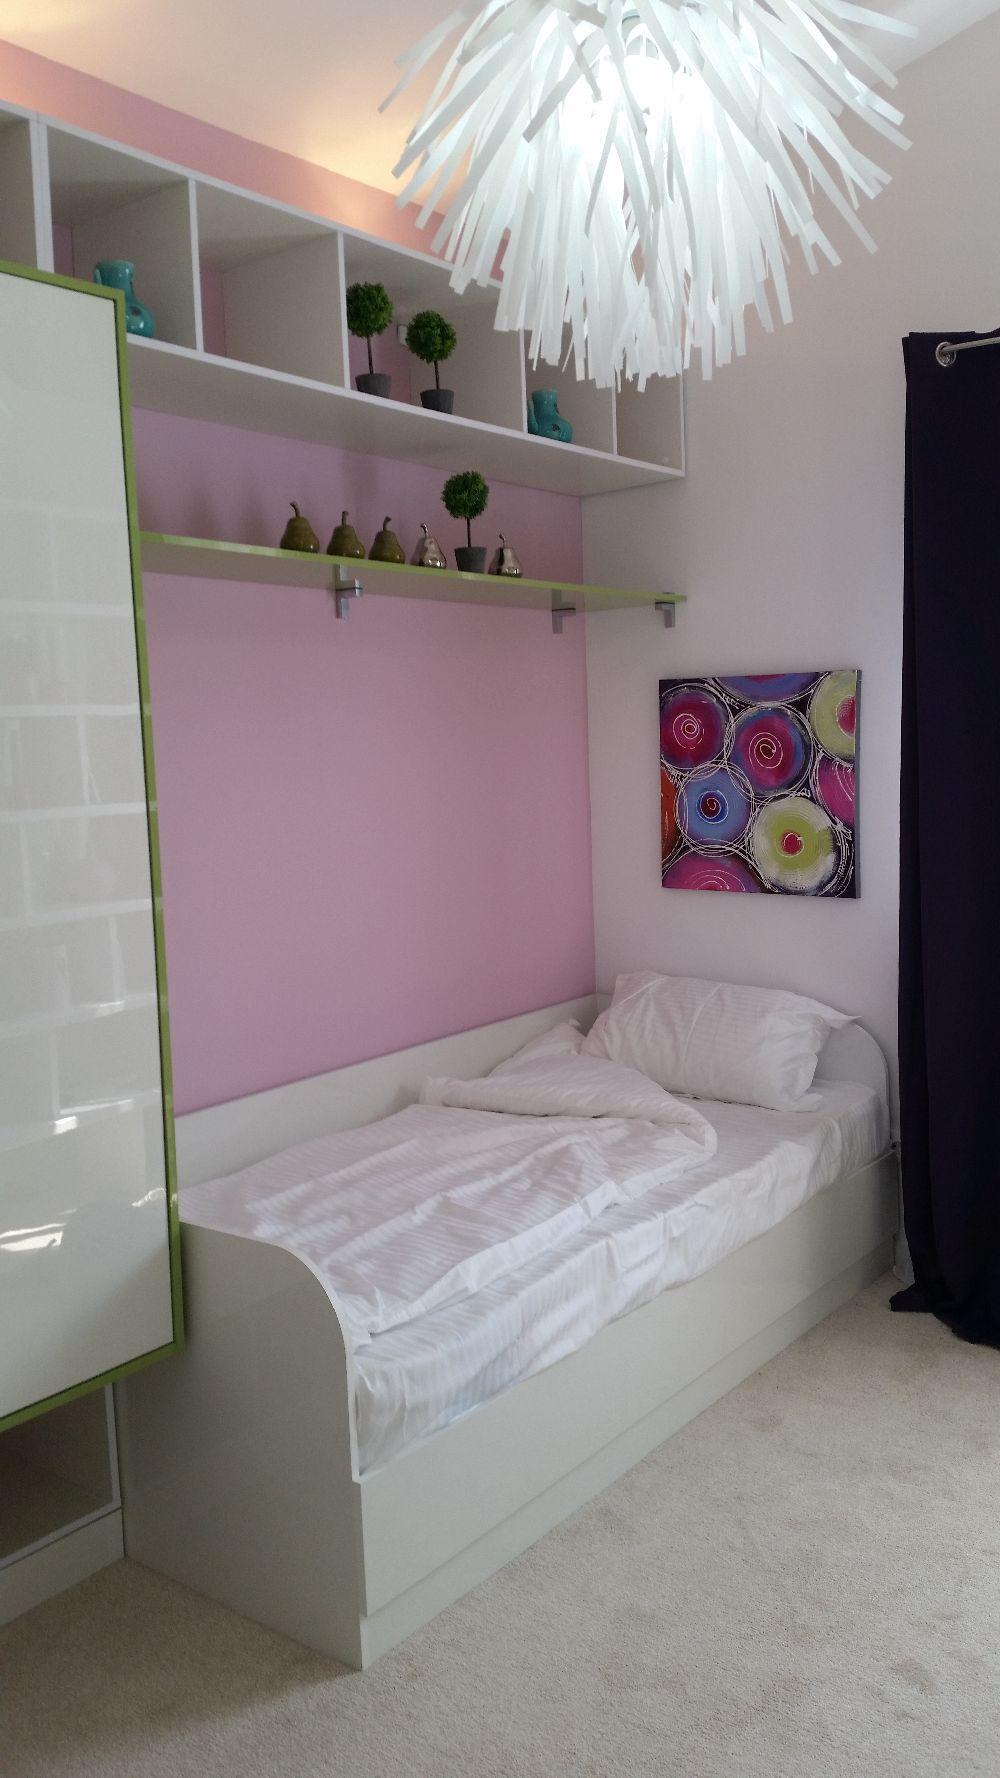 adelaparvu.com despre casa celor 3 surori de la Poiana, Visuri la cheie, ProTv, sezonul 2 (26)